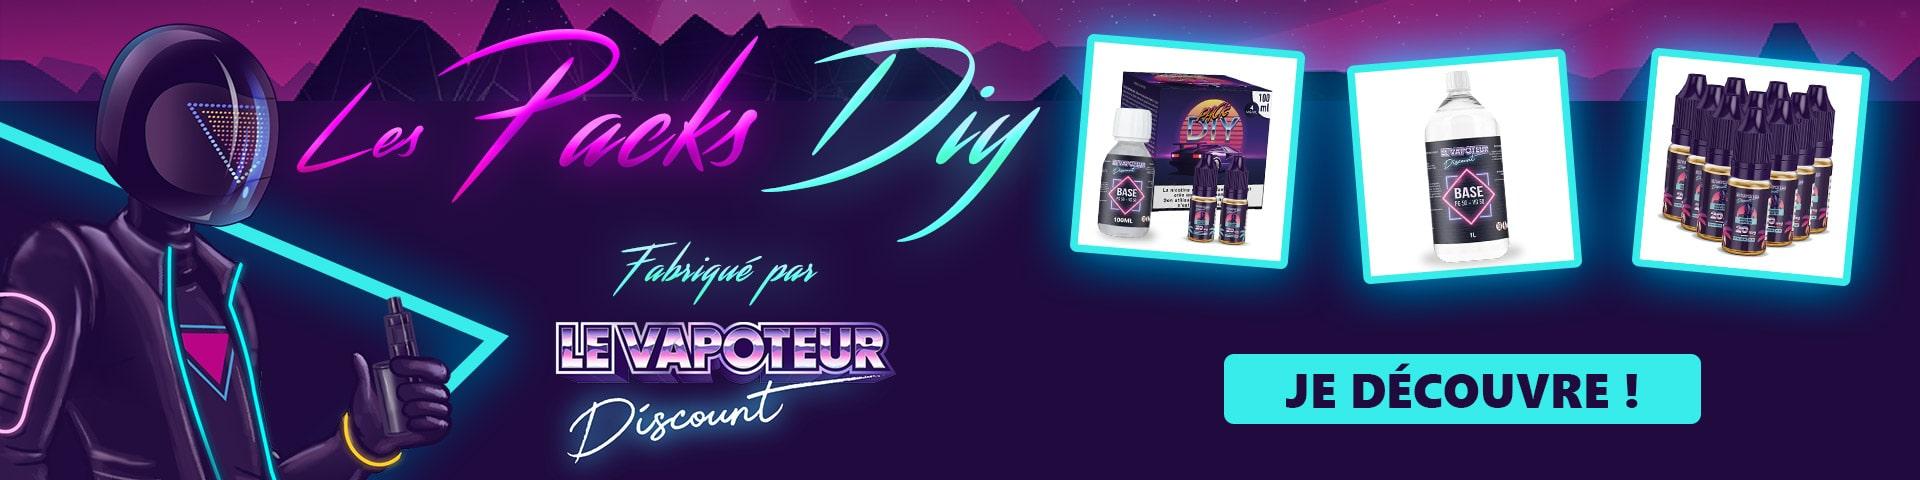 Pack DIY Le vapoteur-discount